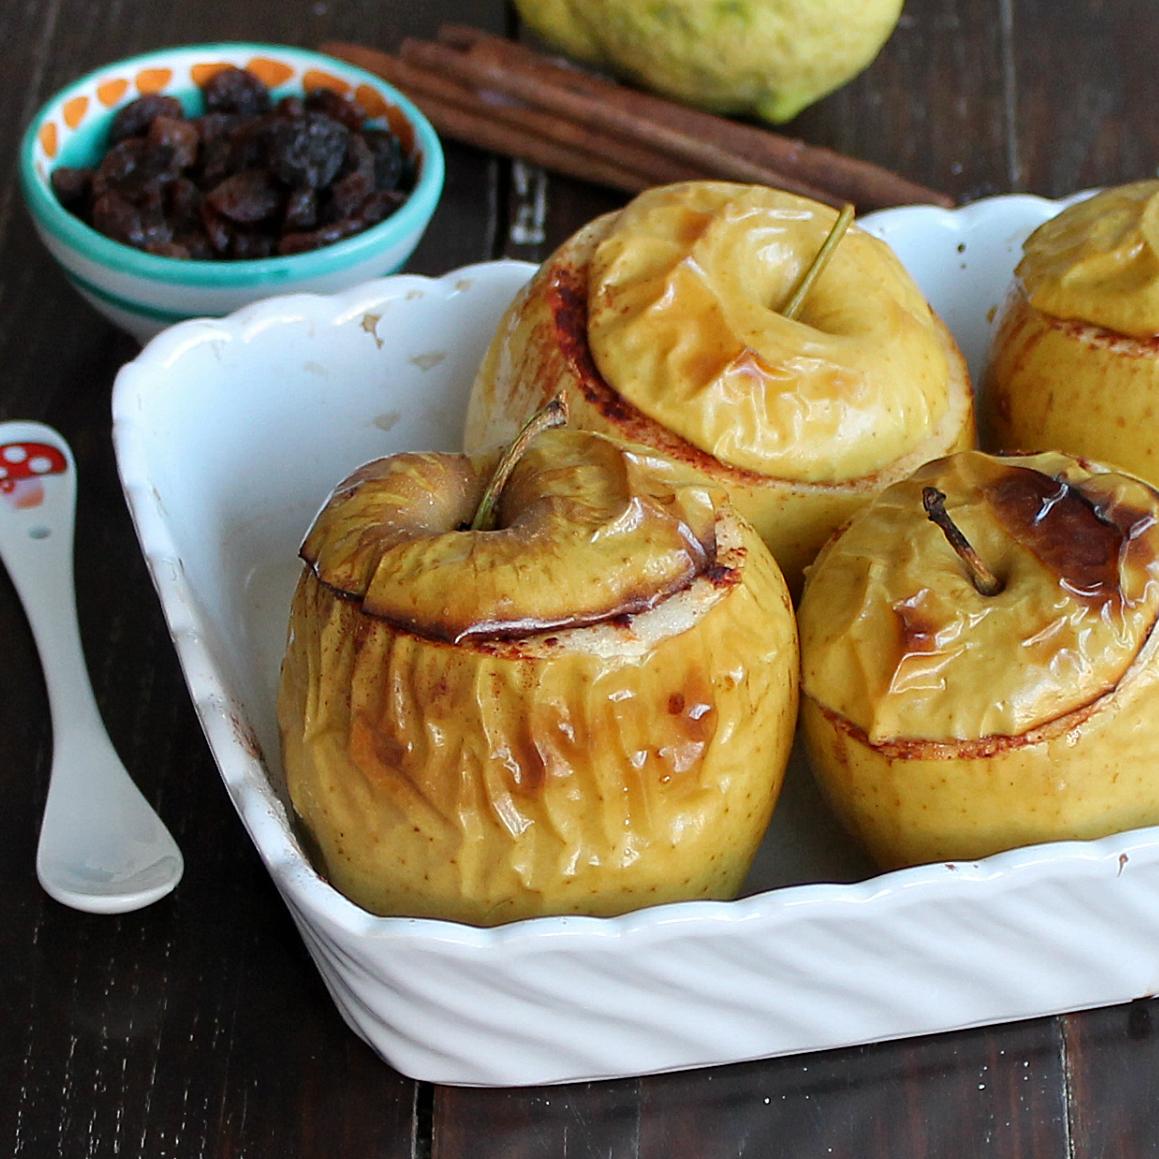 DOLCI CON MELE ricette torte e crostate facili e veloci con frutta fresca